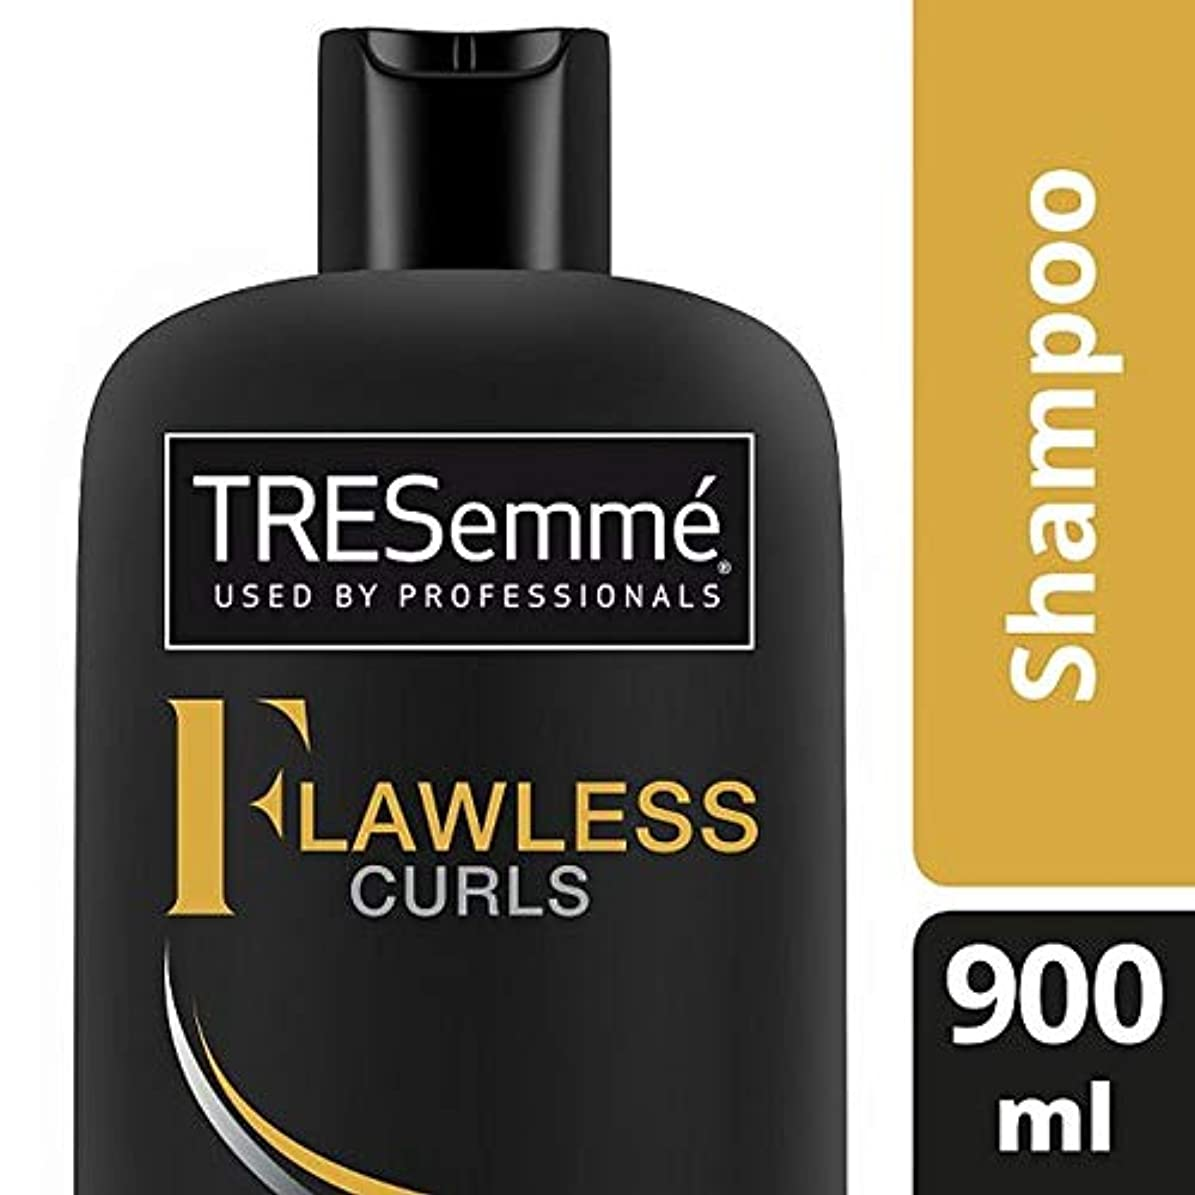 気晴らし不変読書をする[Tresemme] Tresemme金シャンプー900ミリリットル - Tresemme Gold Shampoo 900Ml [並行輸入品]